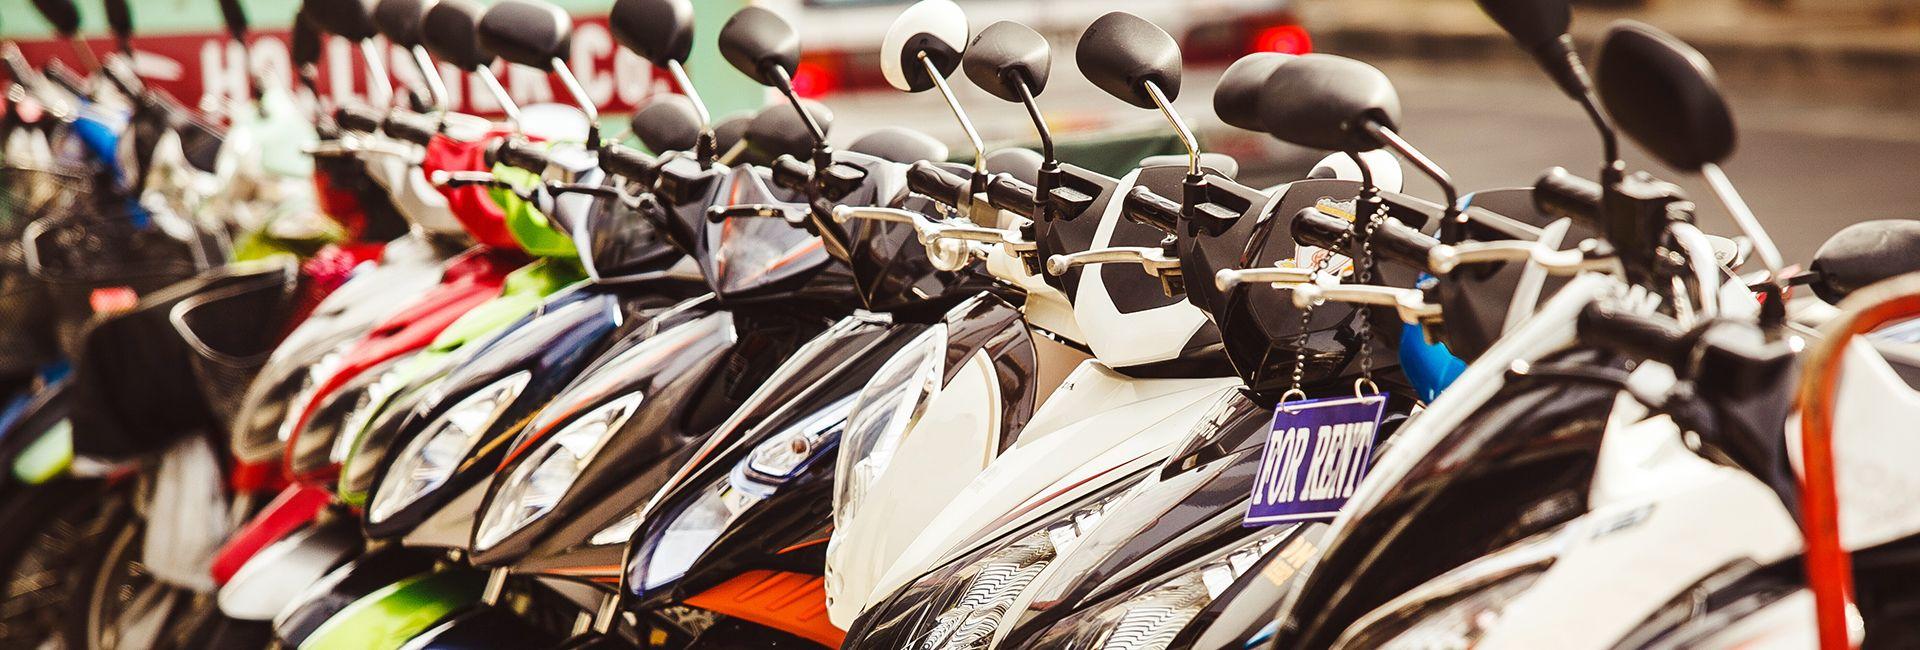 Top 8 địa điểm cho thuê xe máy uy tín ở Vũng Tàu